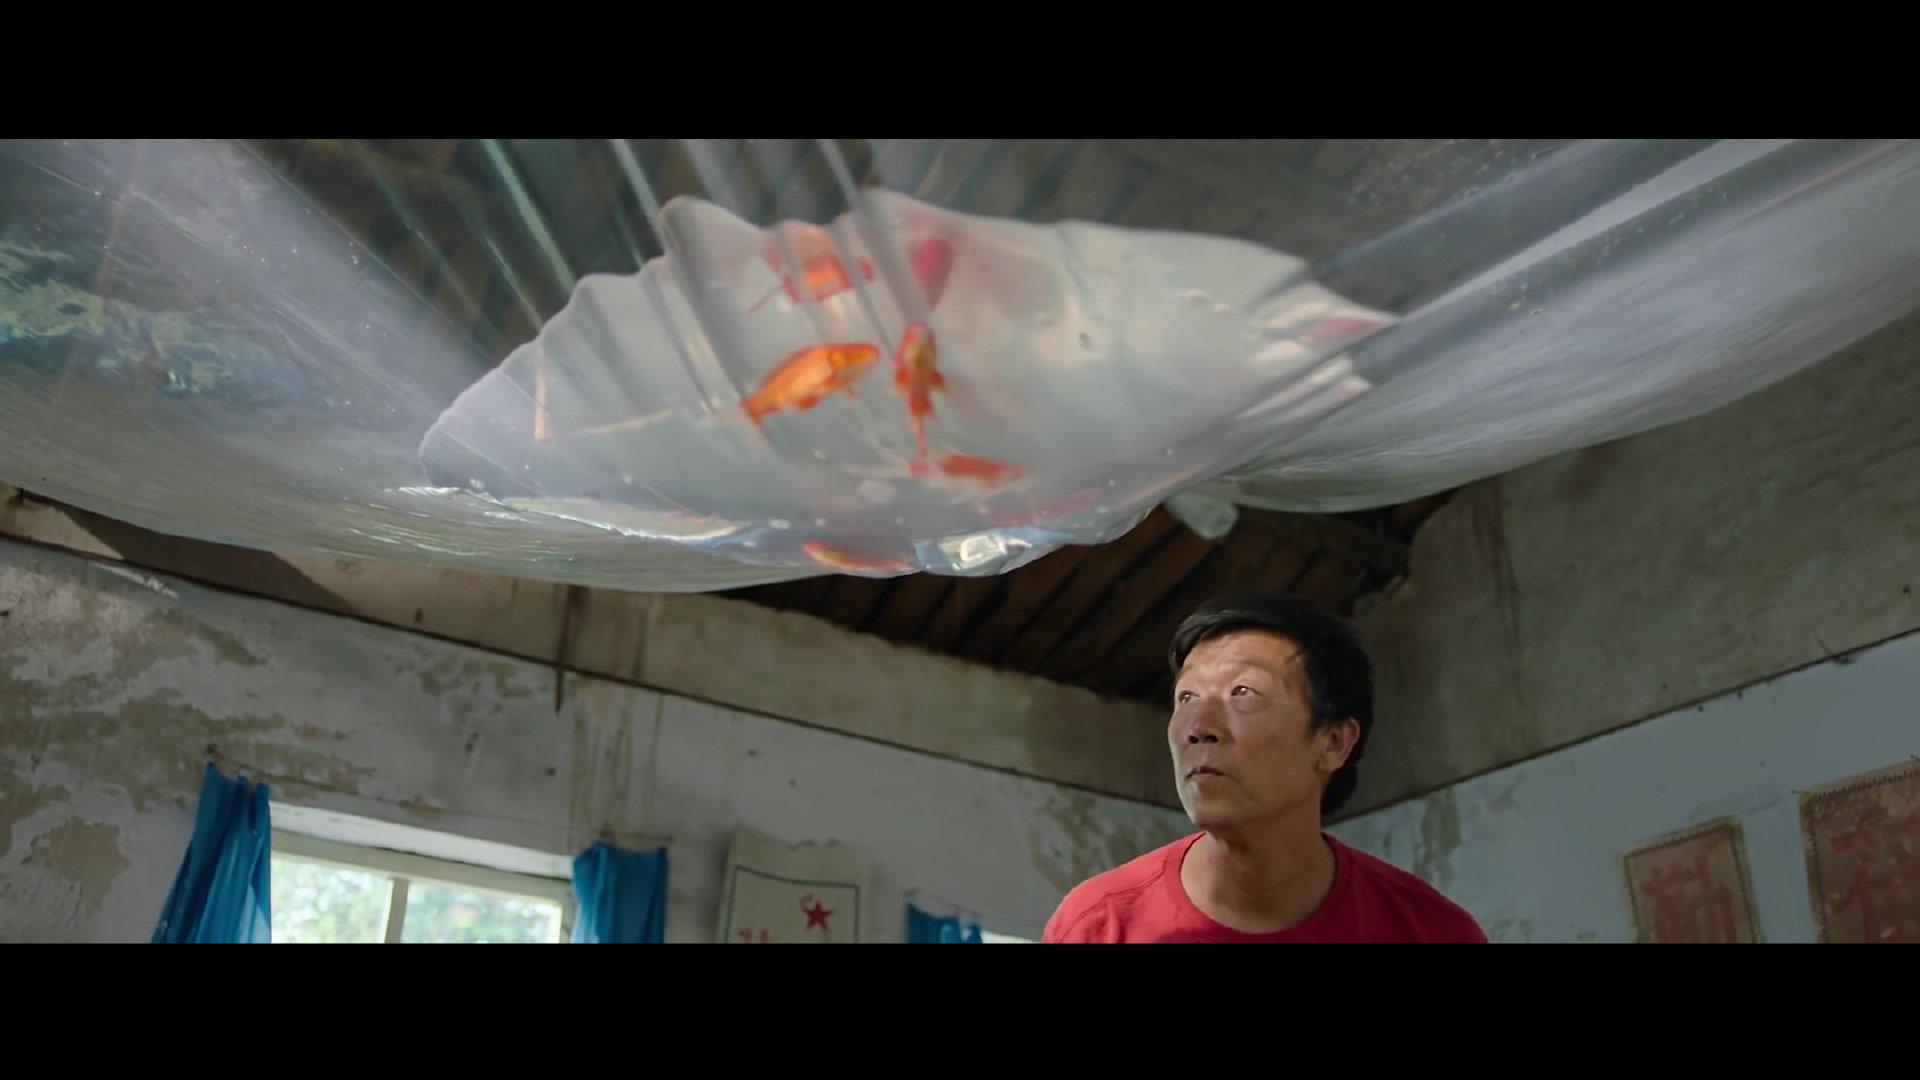 佳片有约:中国乡土电影《平原上的夏洛克》